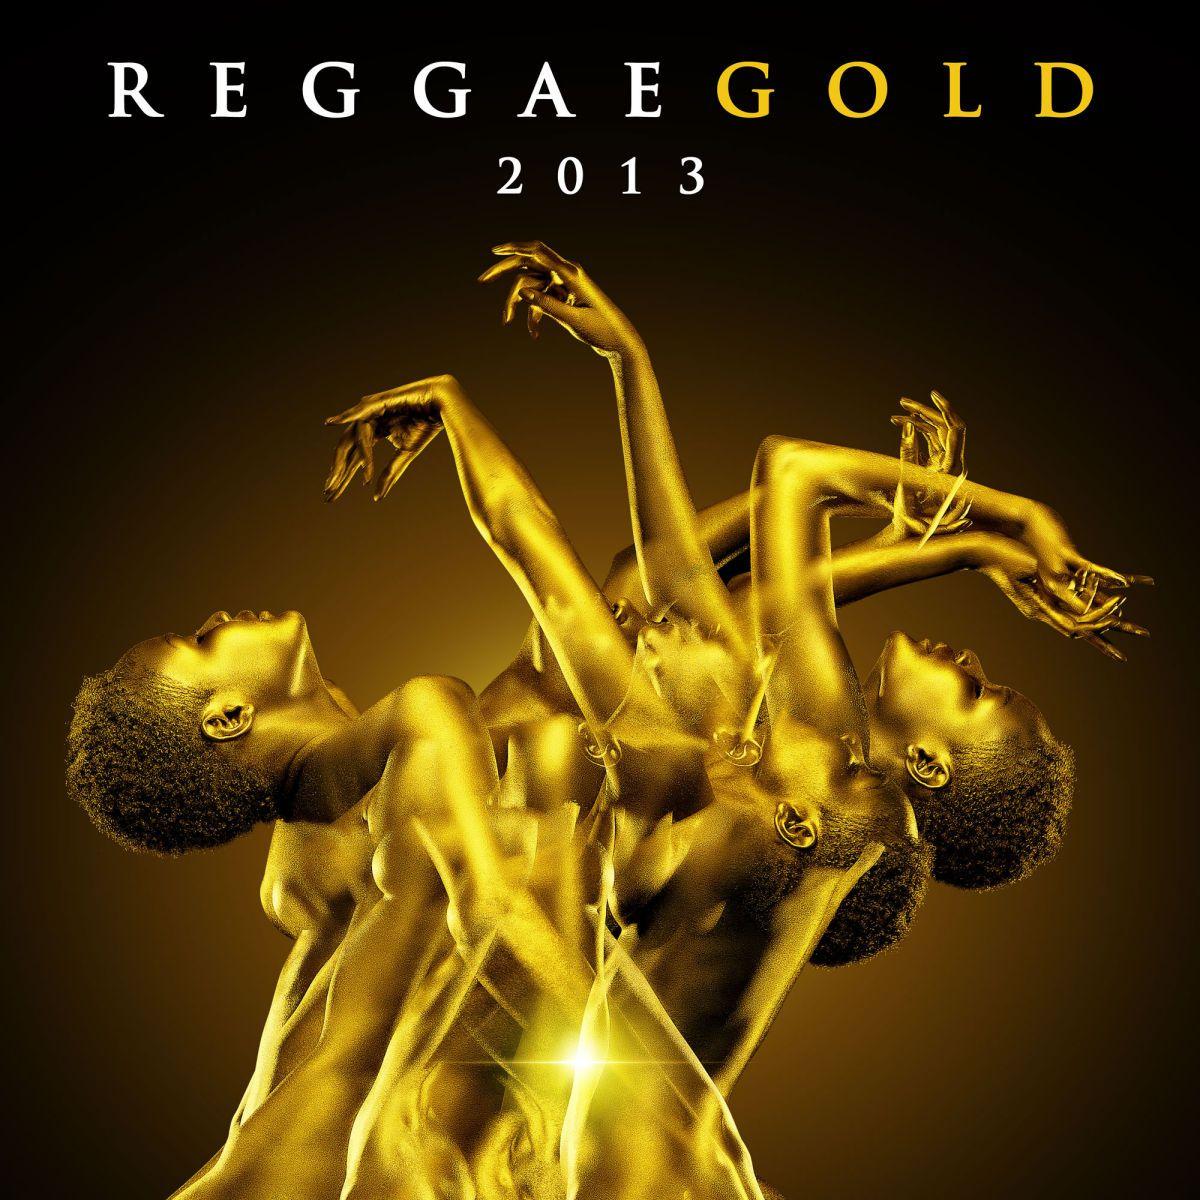 1reggae_gold_album_cover_2013_vp